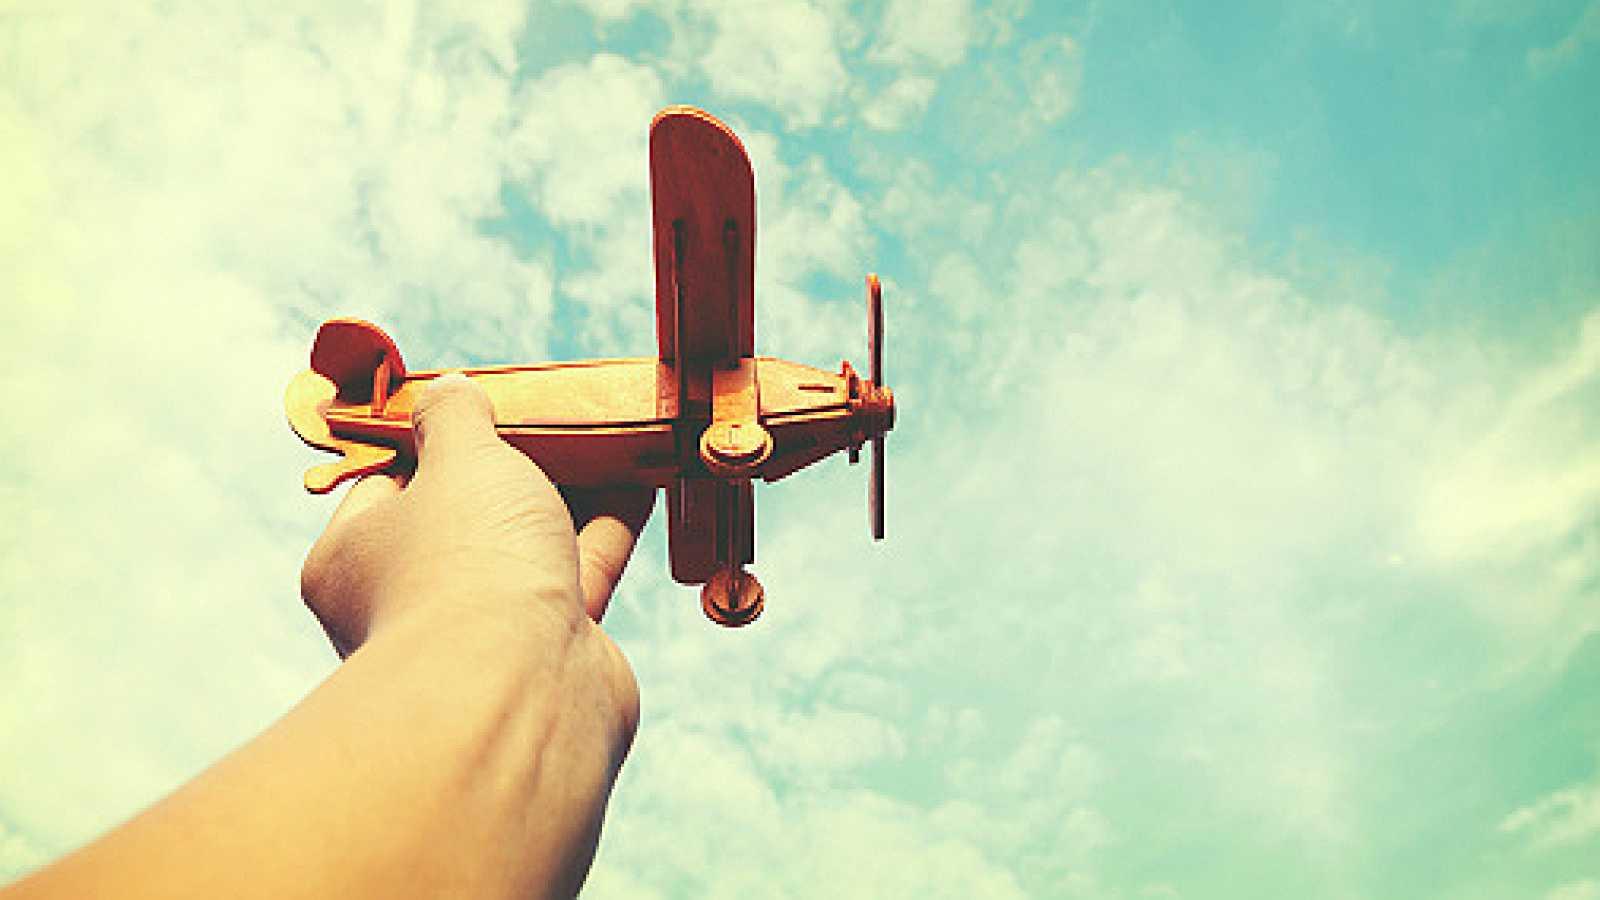 Por todo lo alto - La aviación para contribuir a los objetivos de desarrollo sostenible - 06/06/12 - escuchar ahora